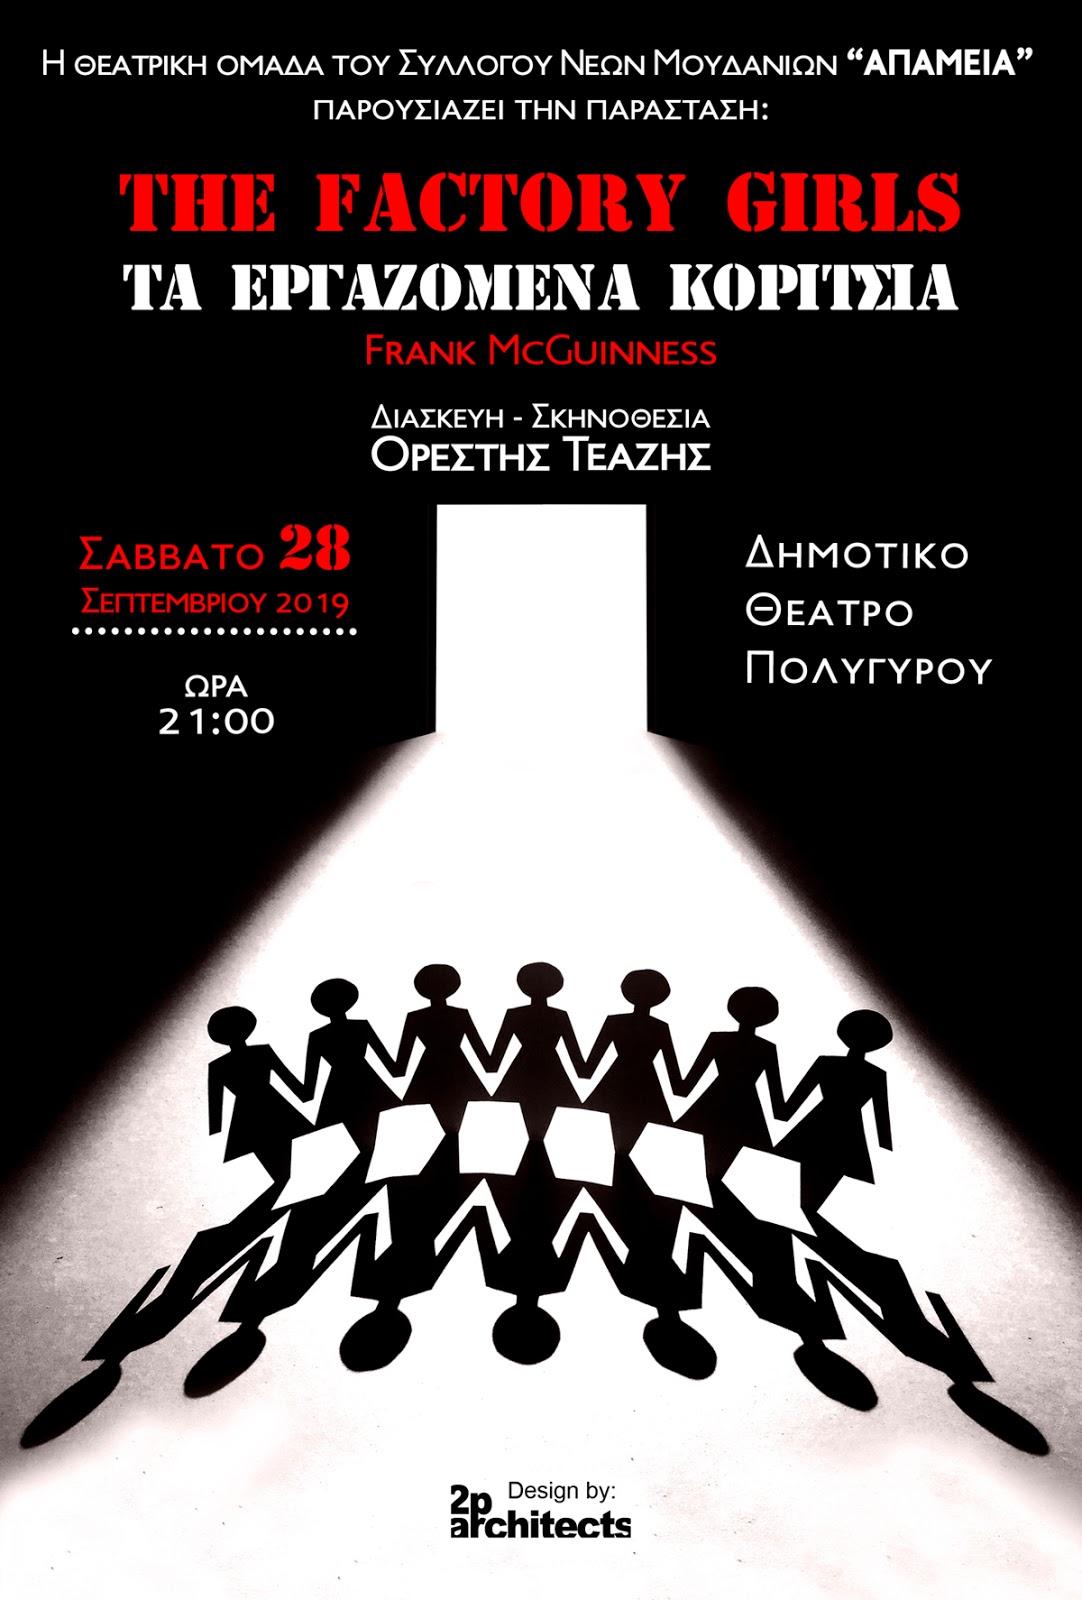 «Τα εργαζόμενα κορίτσια» στο Δημοτικό Θέατρο Πολυγύρου